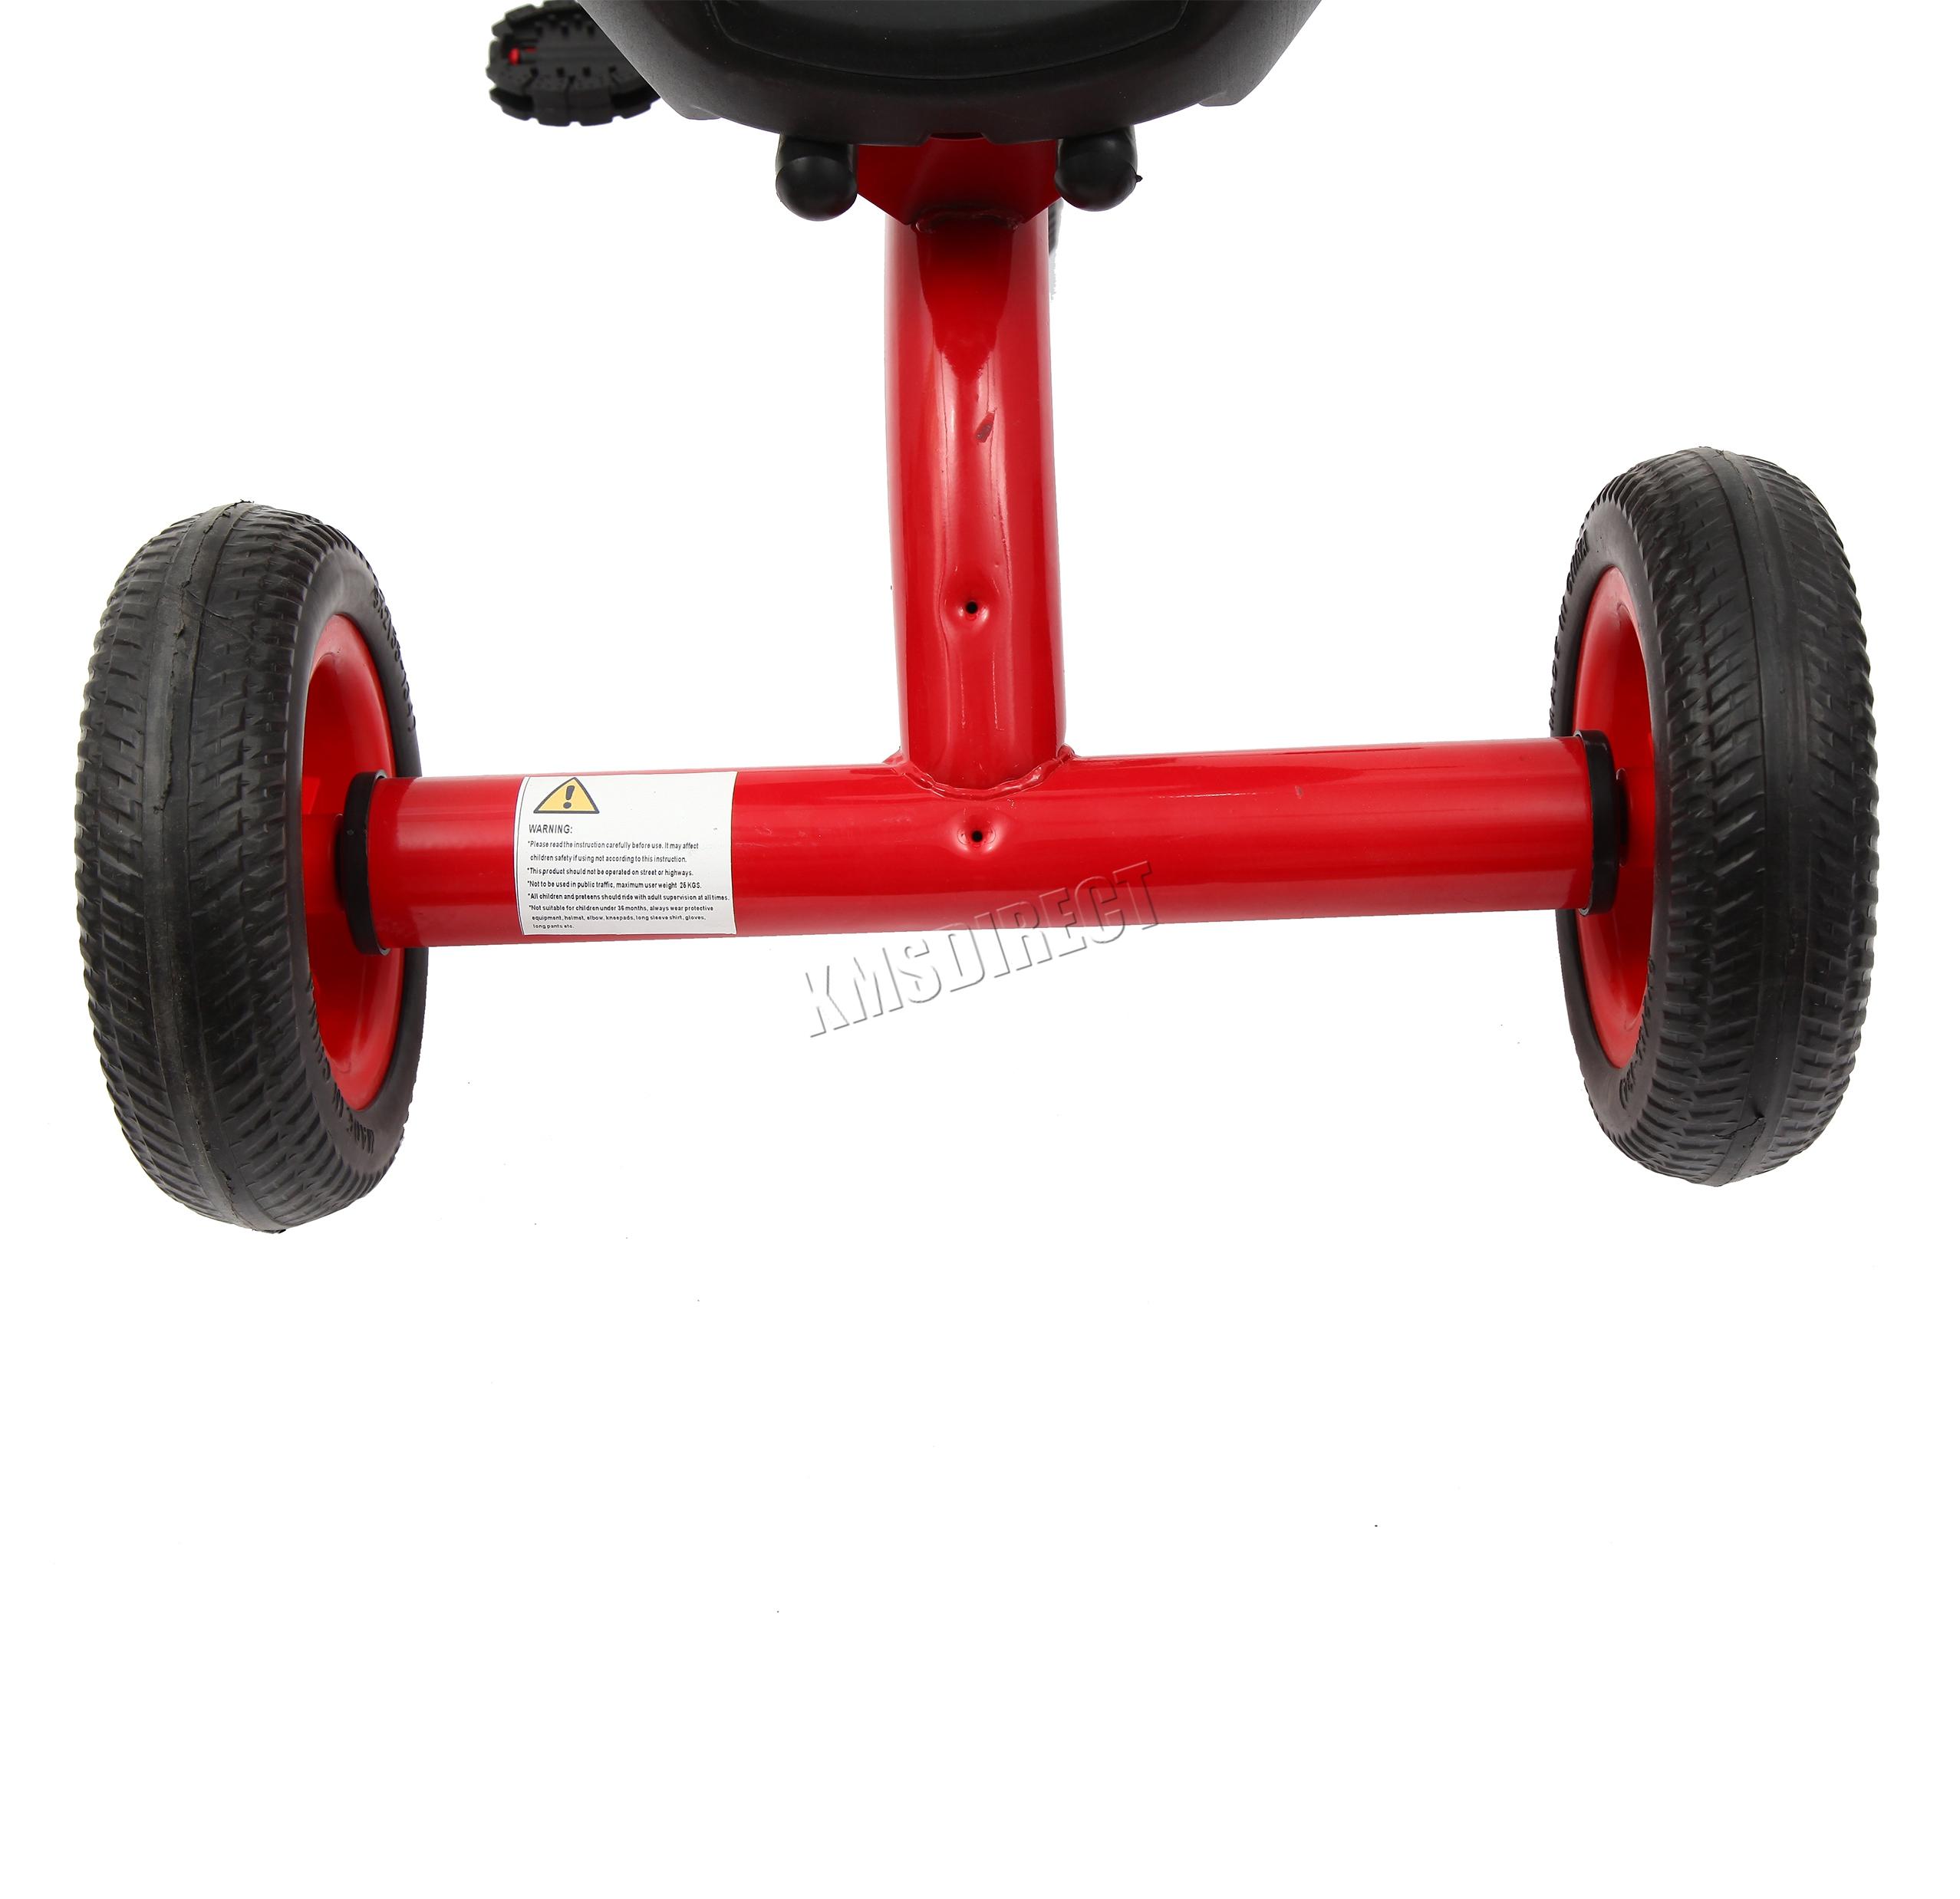 Three Wheeler Frame : Foxhunter child children kids trike tricycle wheeler